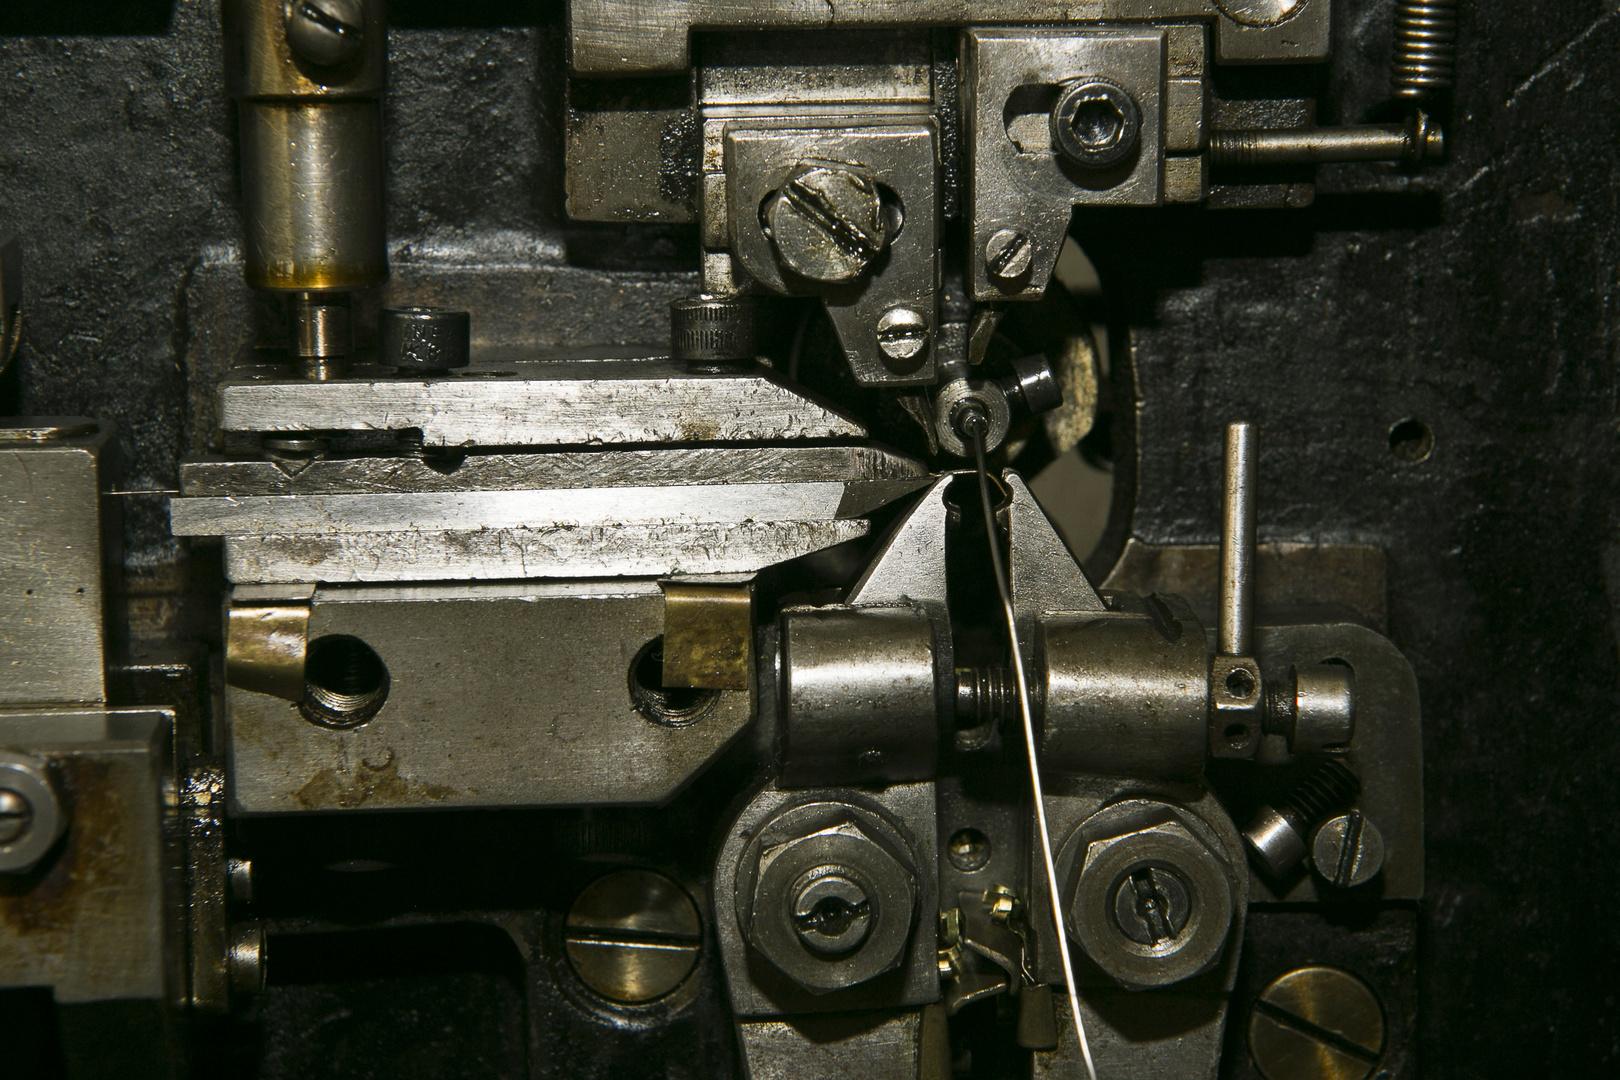 Drahtzieher Foto & Bild | industrie und technik, technik-details ...